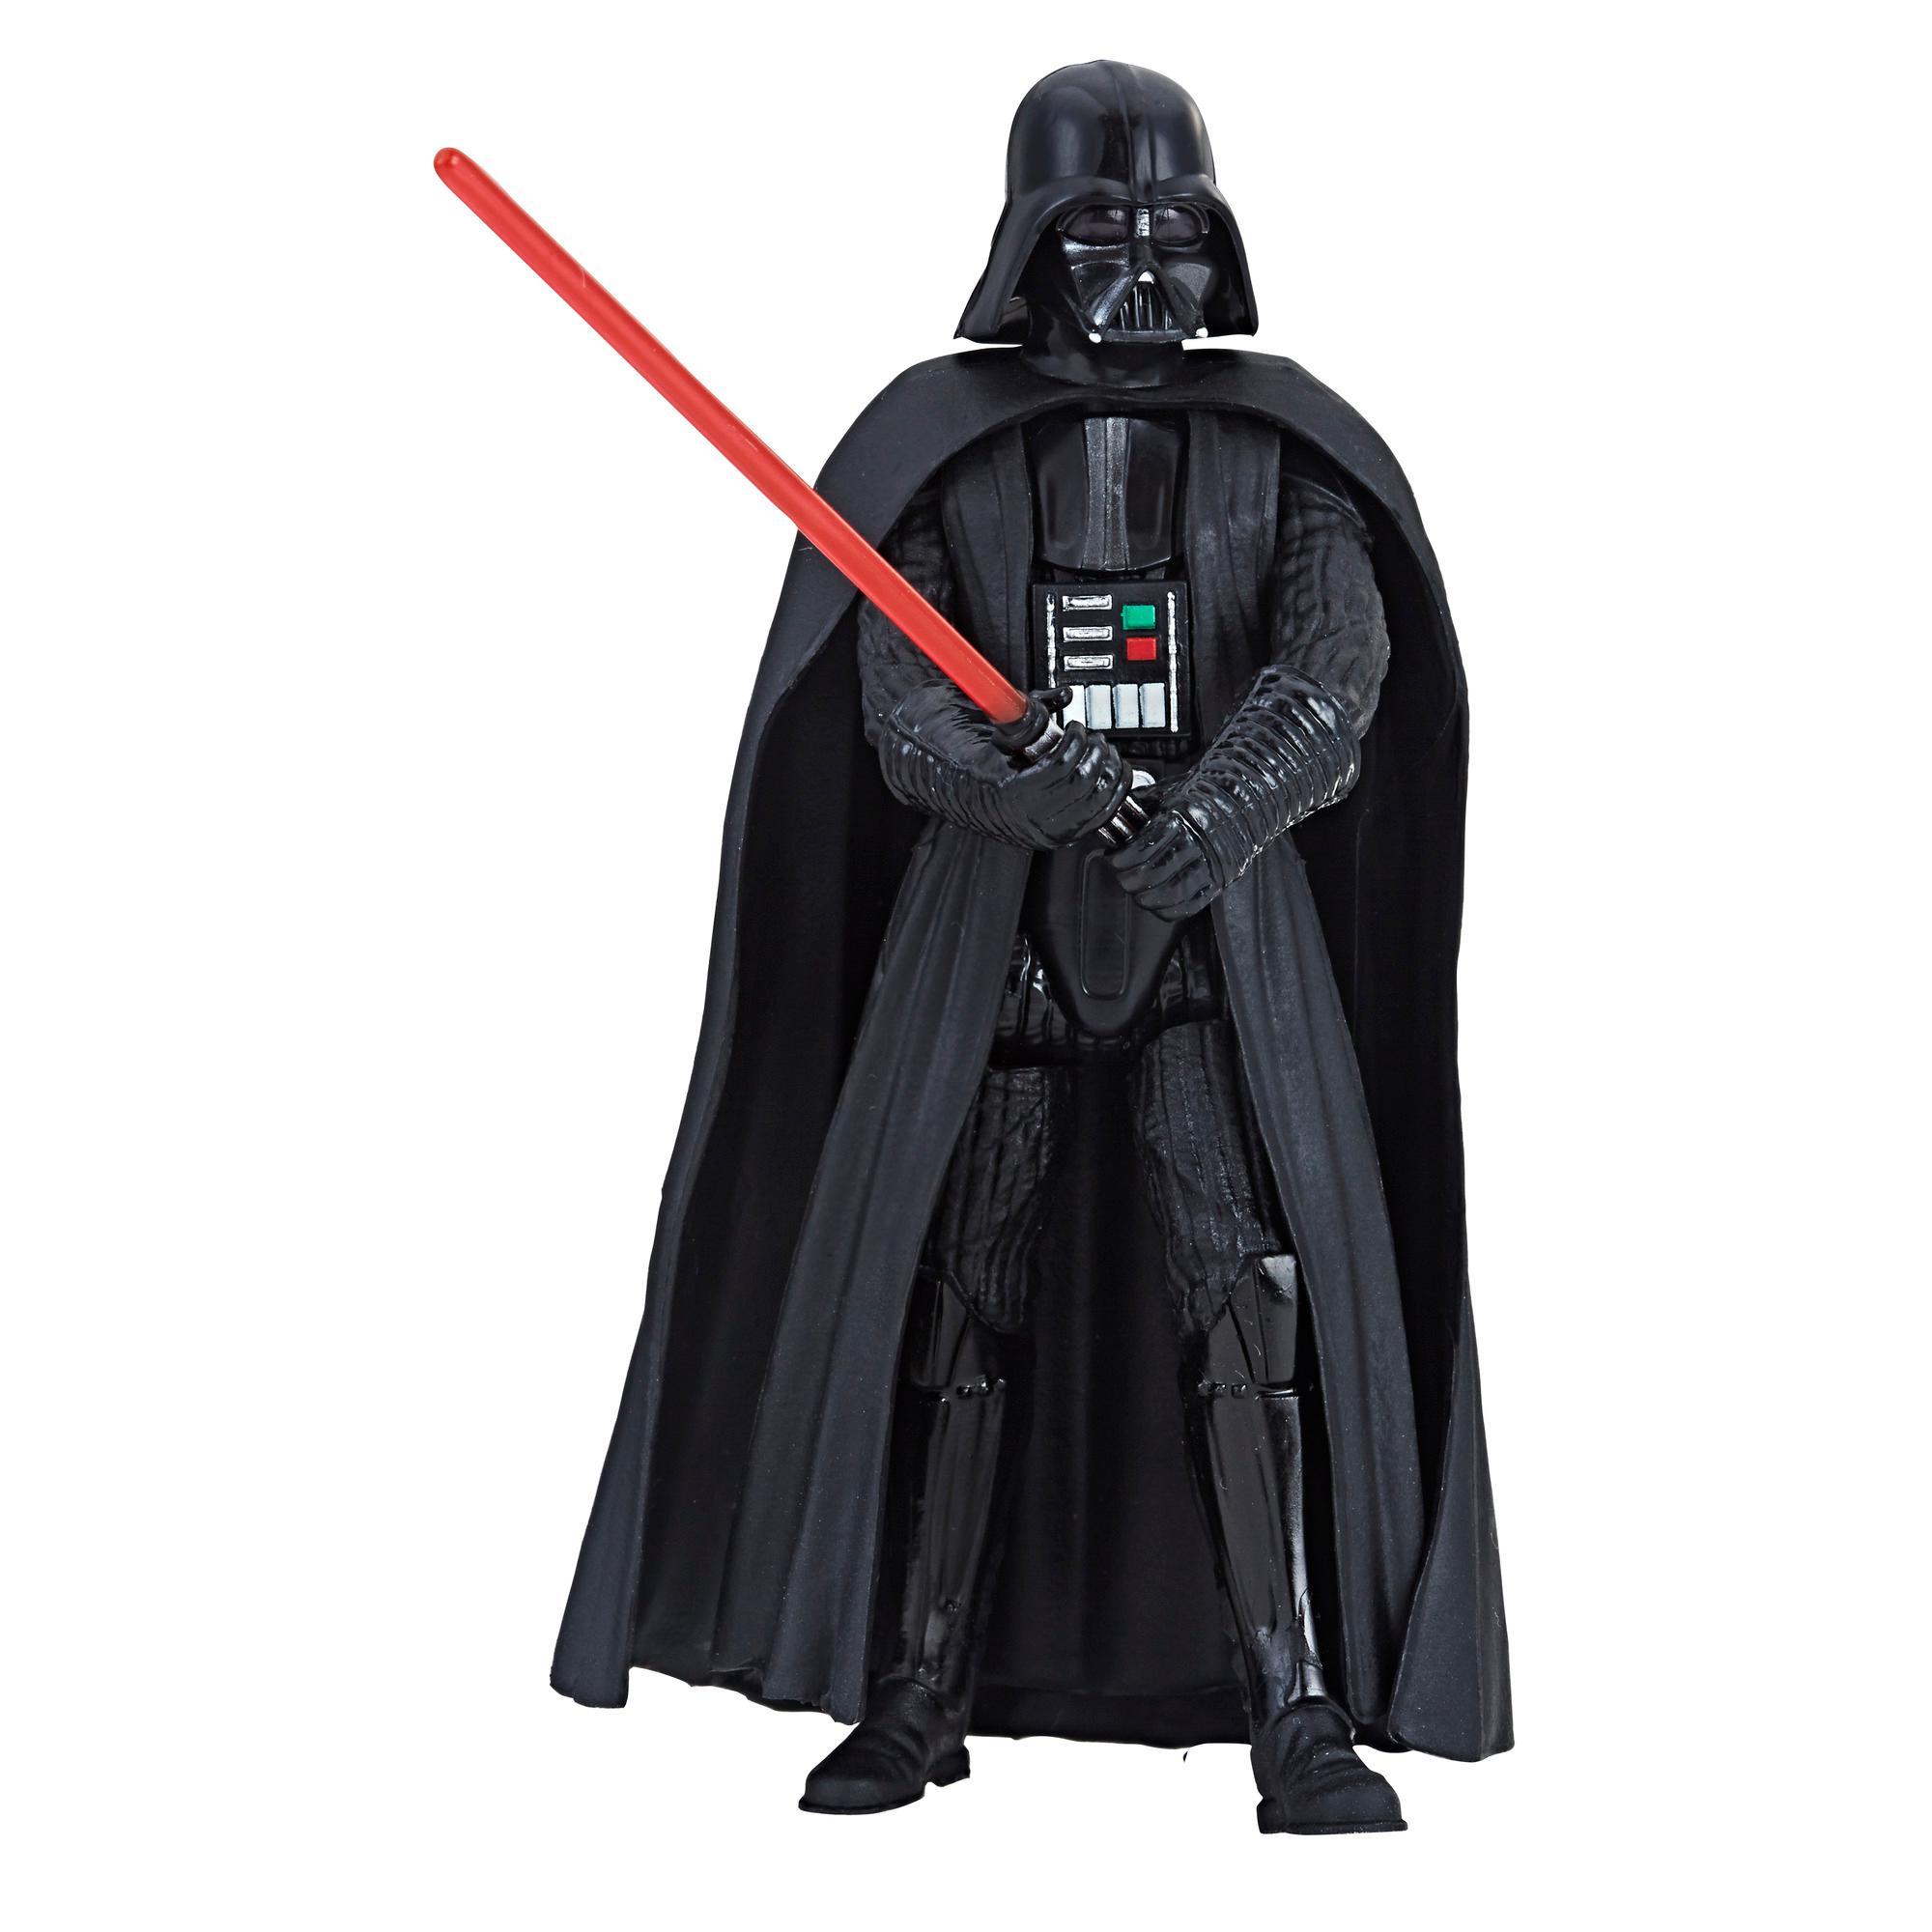 Star Wars Force Link 2.0 - Figurine Darth Vader